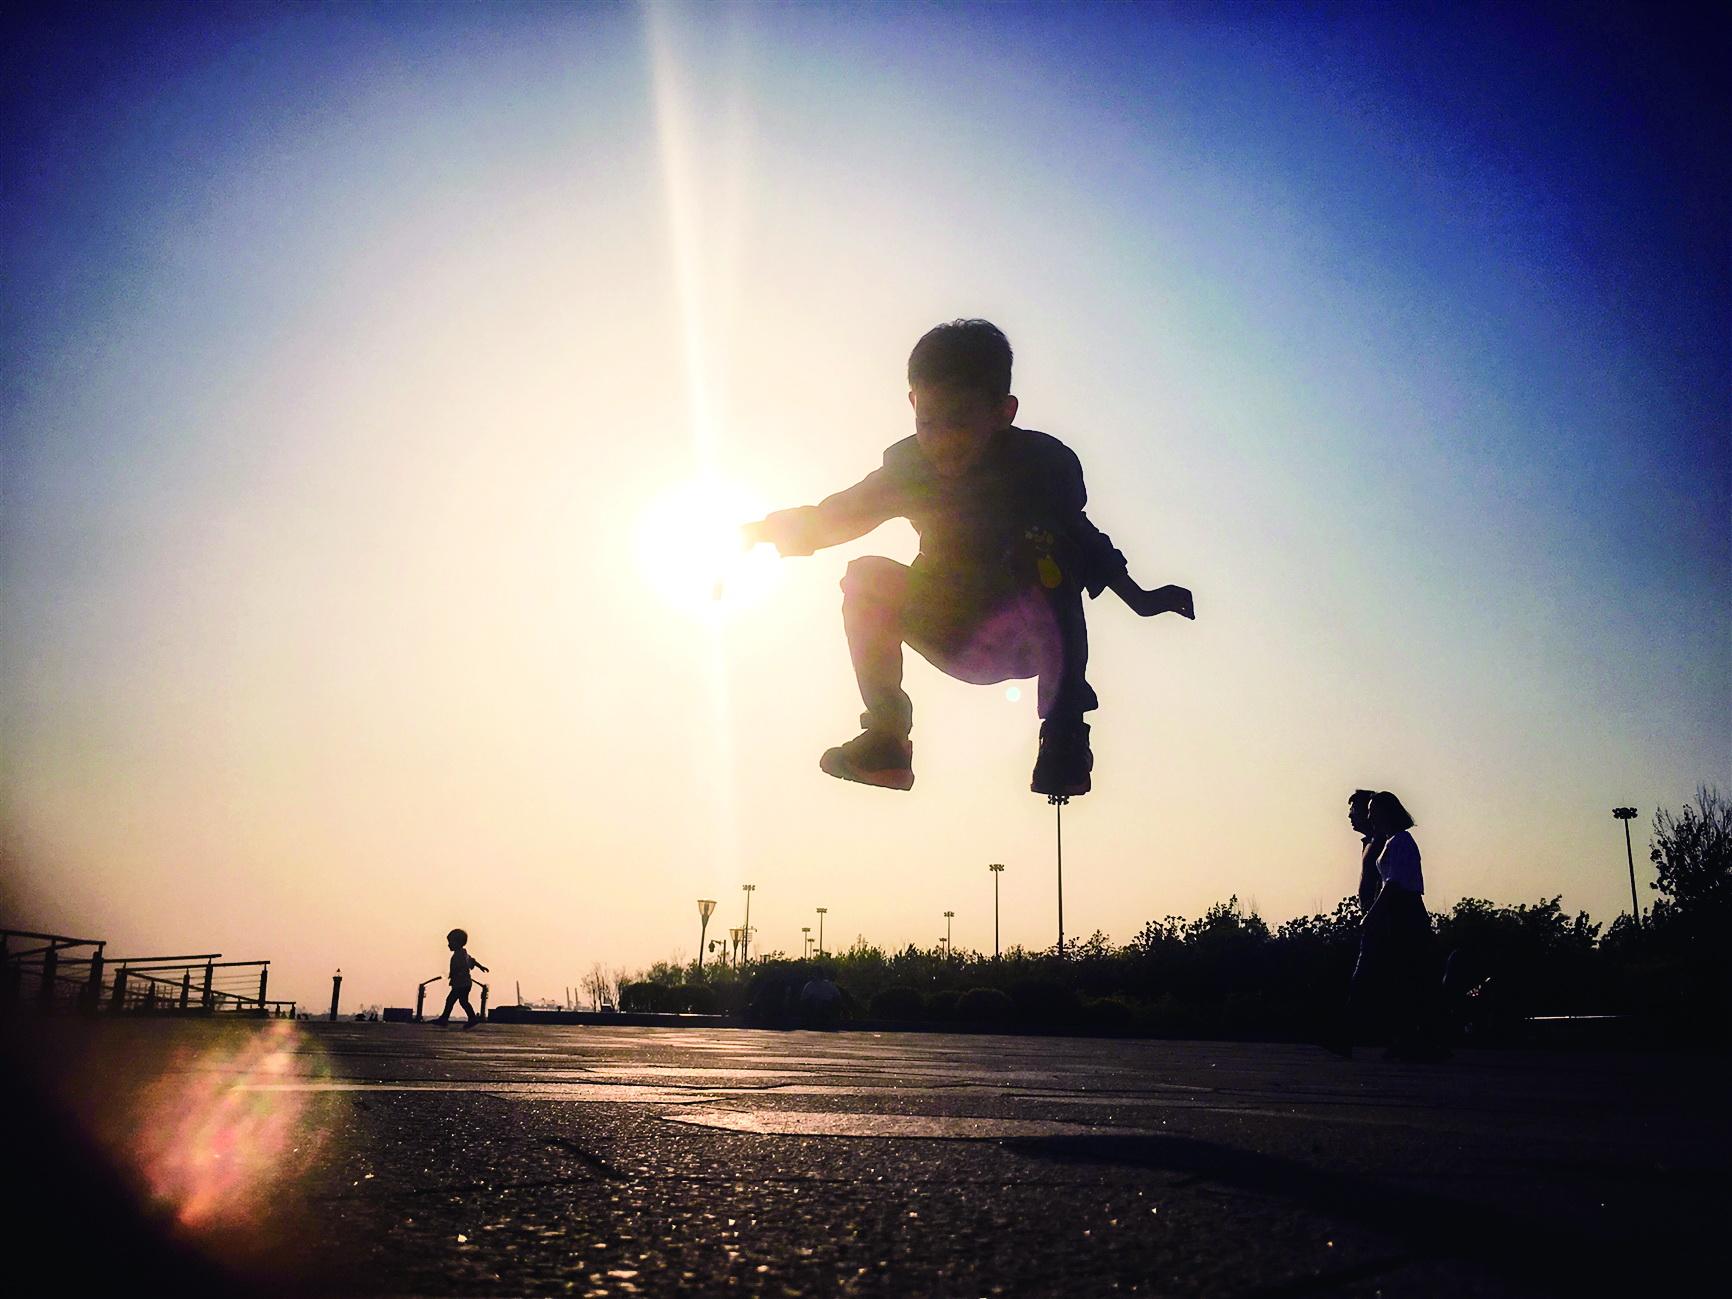 摄影作品:飞跃